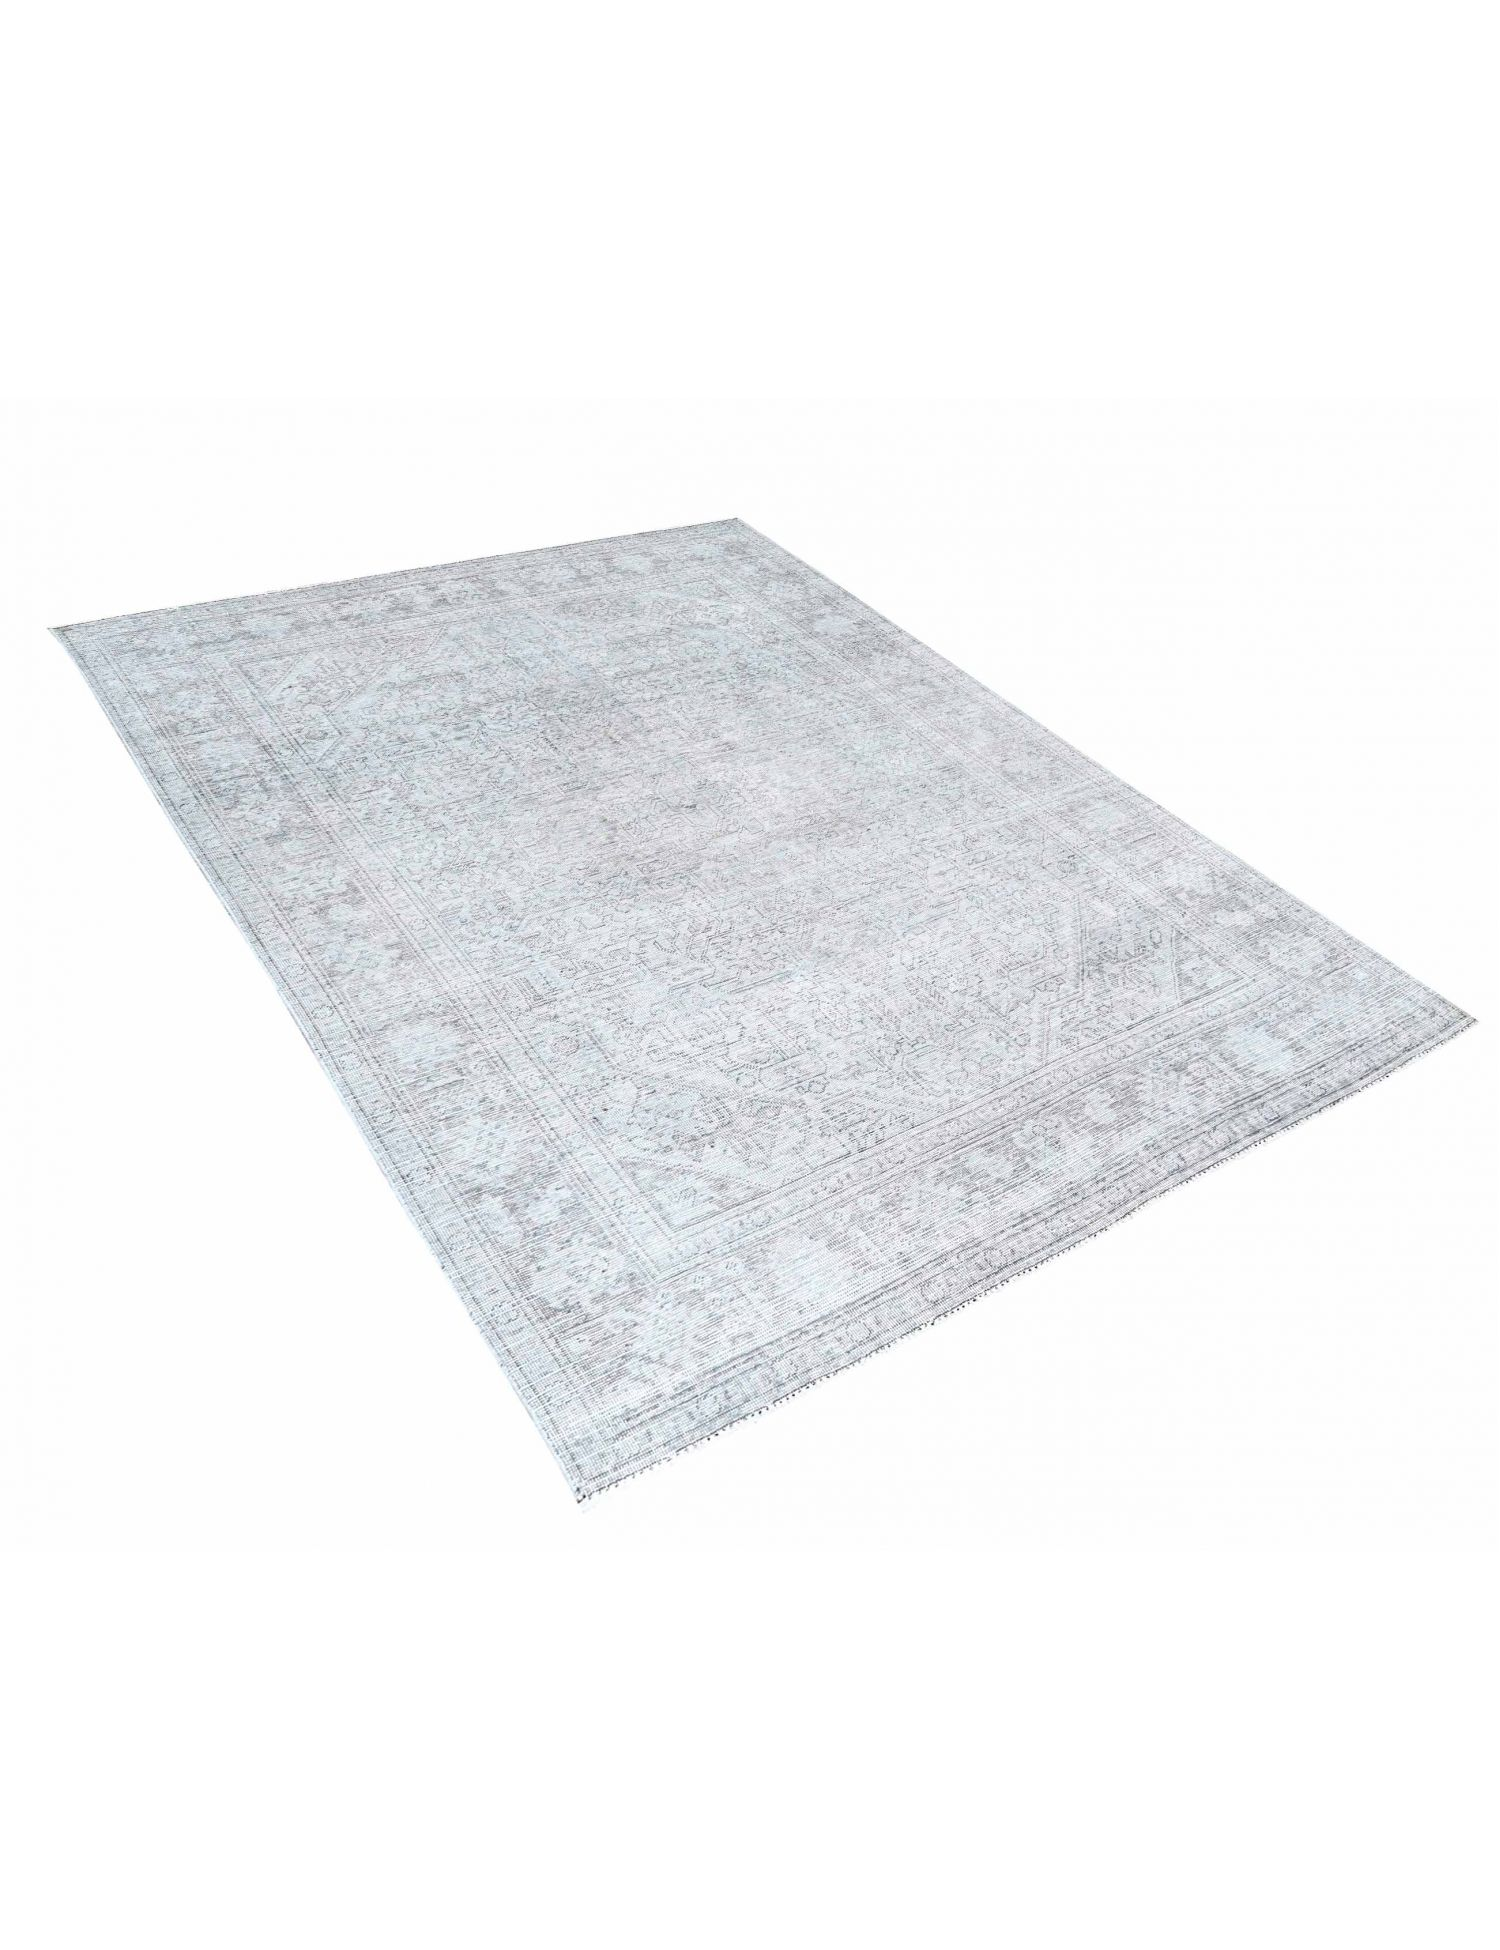 Persischer Vintage Teppich  grau <br/>280 x 199 cm